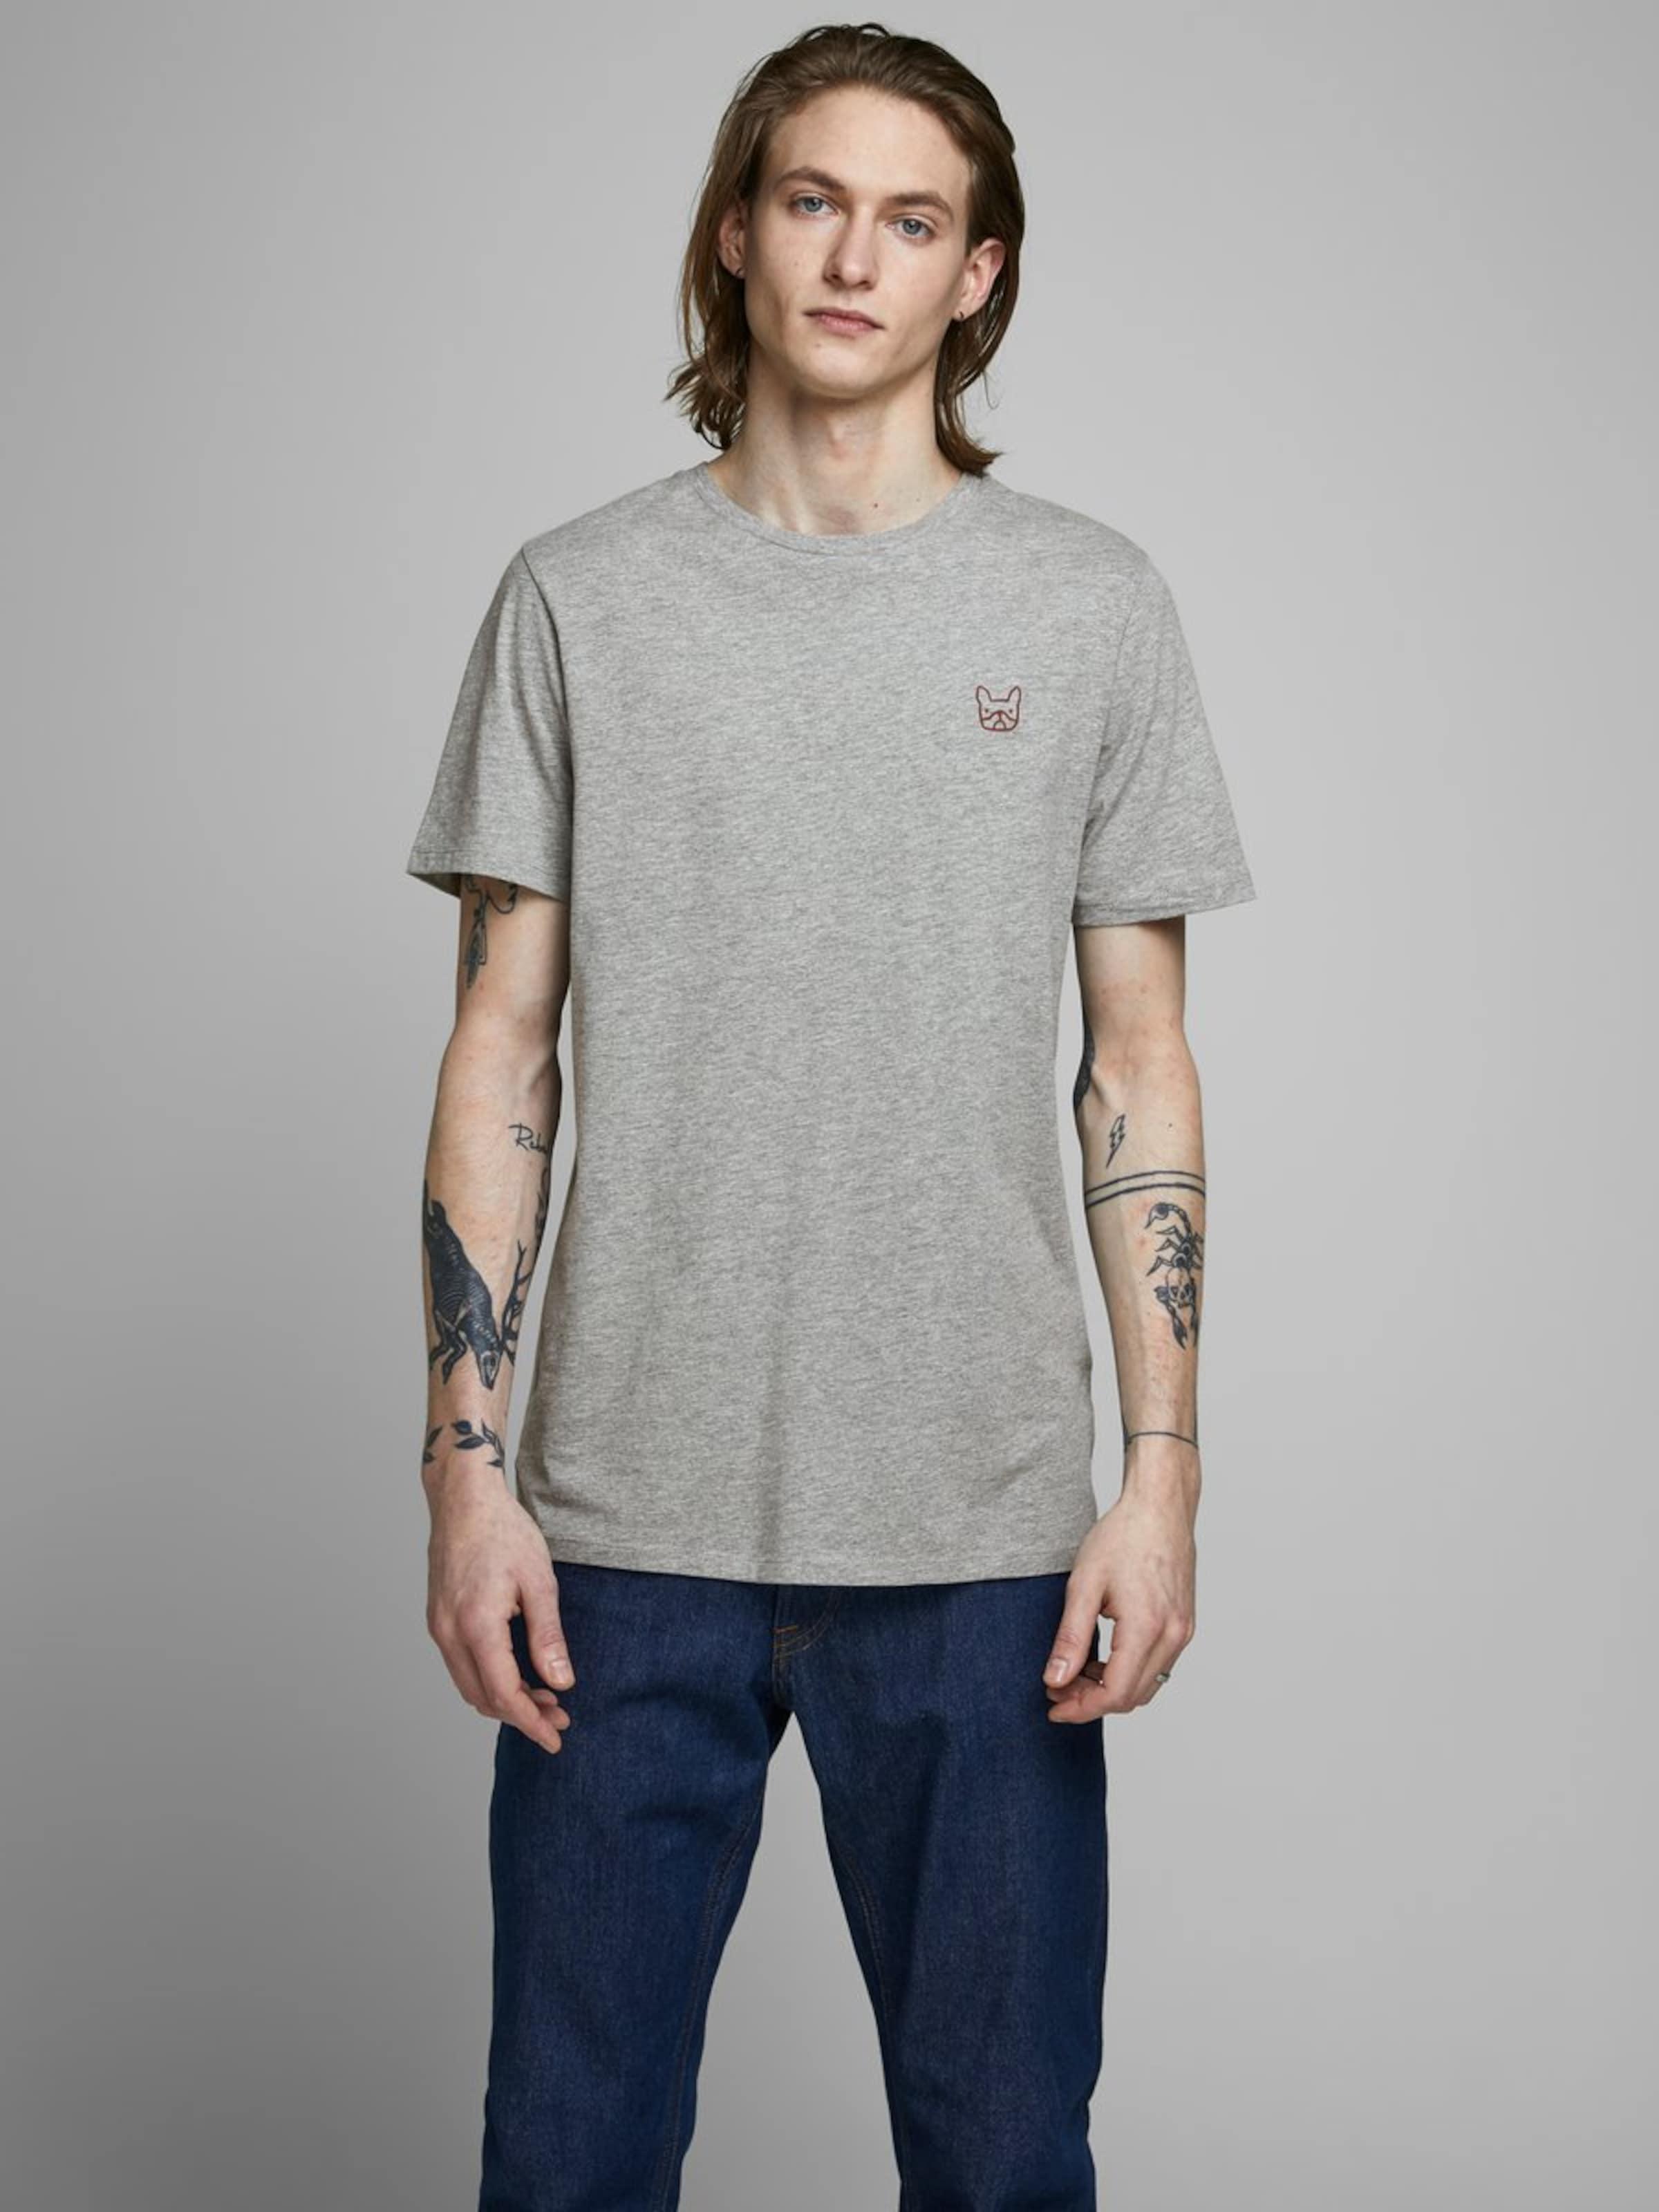 JACK & JONES T-Shirt in grau Gerader Schnitt 5714503001345